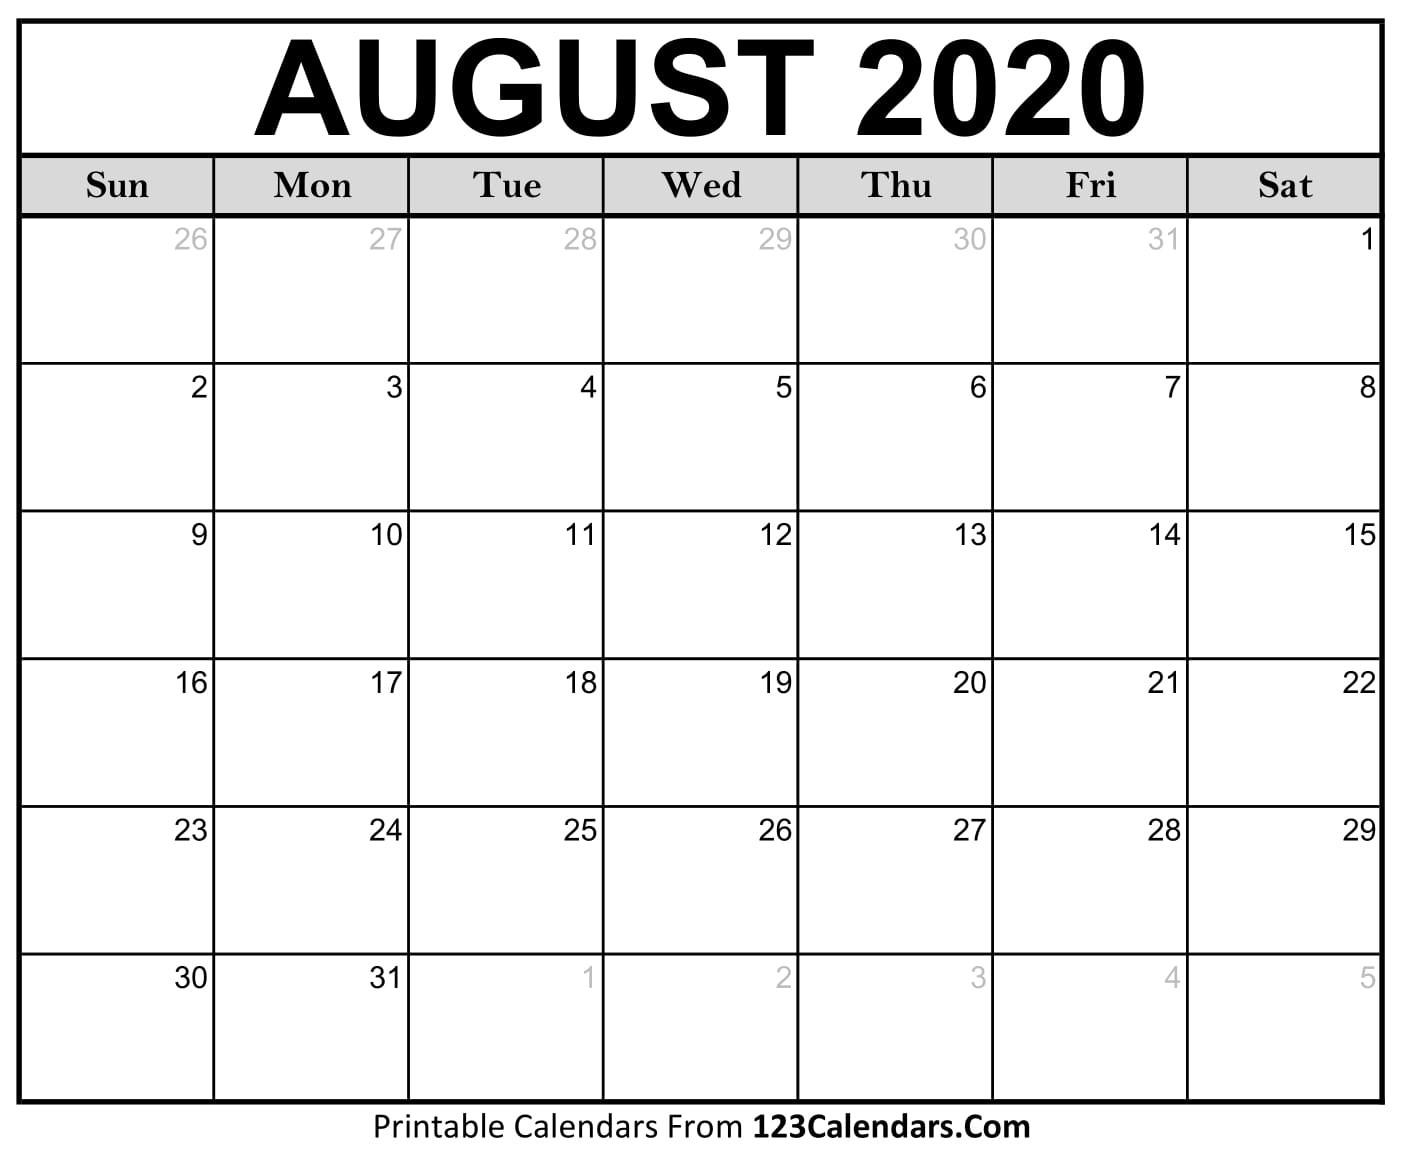 August 2020 Printable Calendar | 123Calendars  Blank Calendar For August 2020 Printable